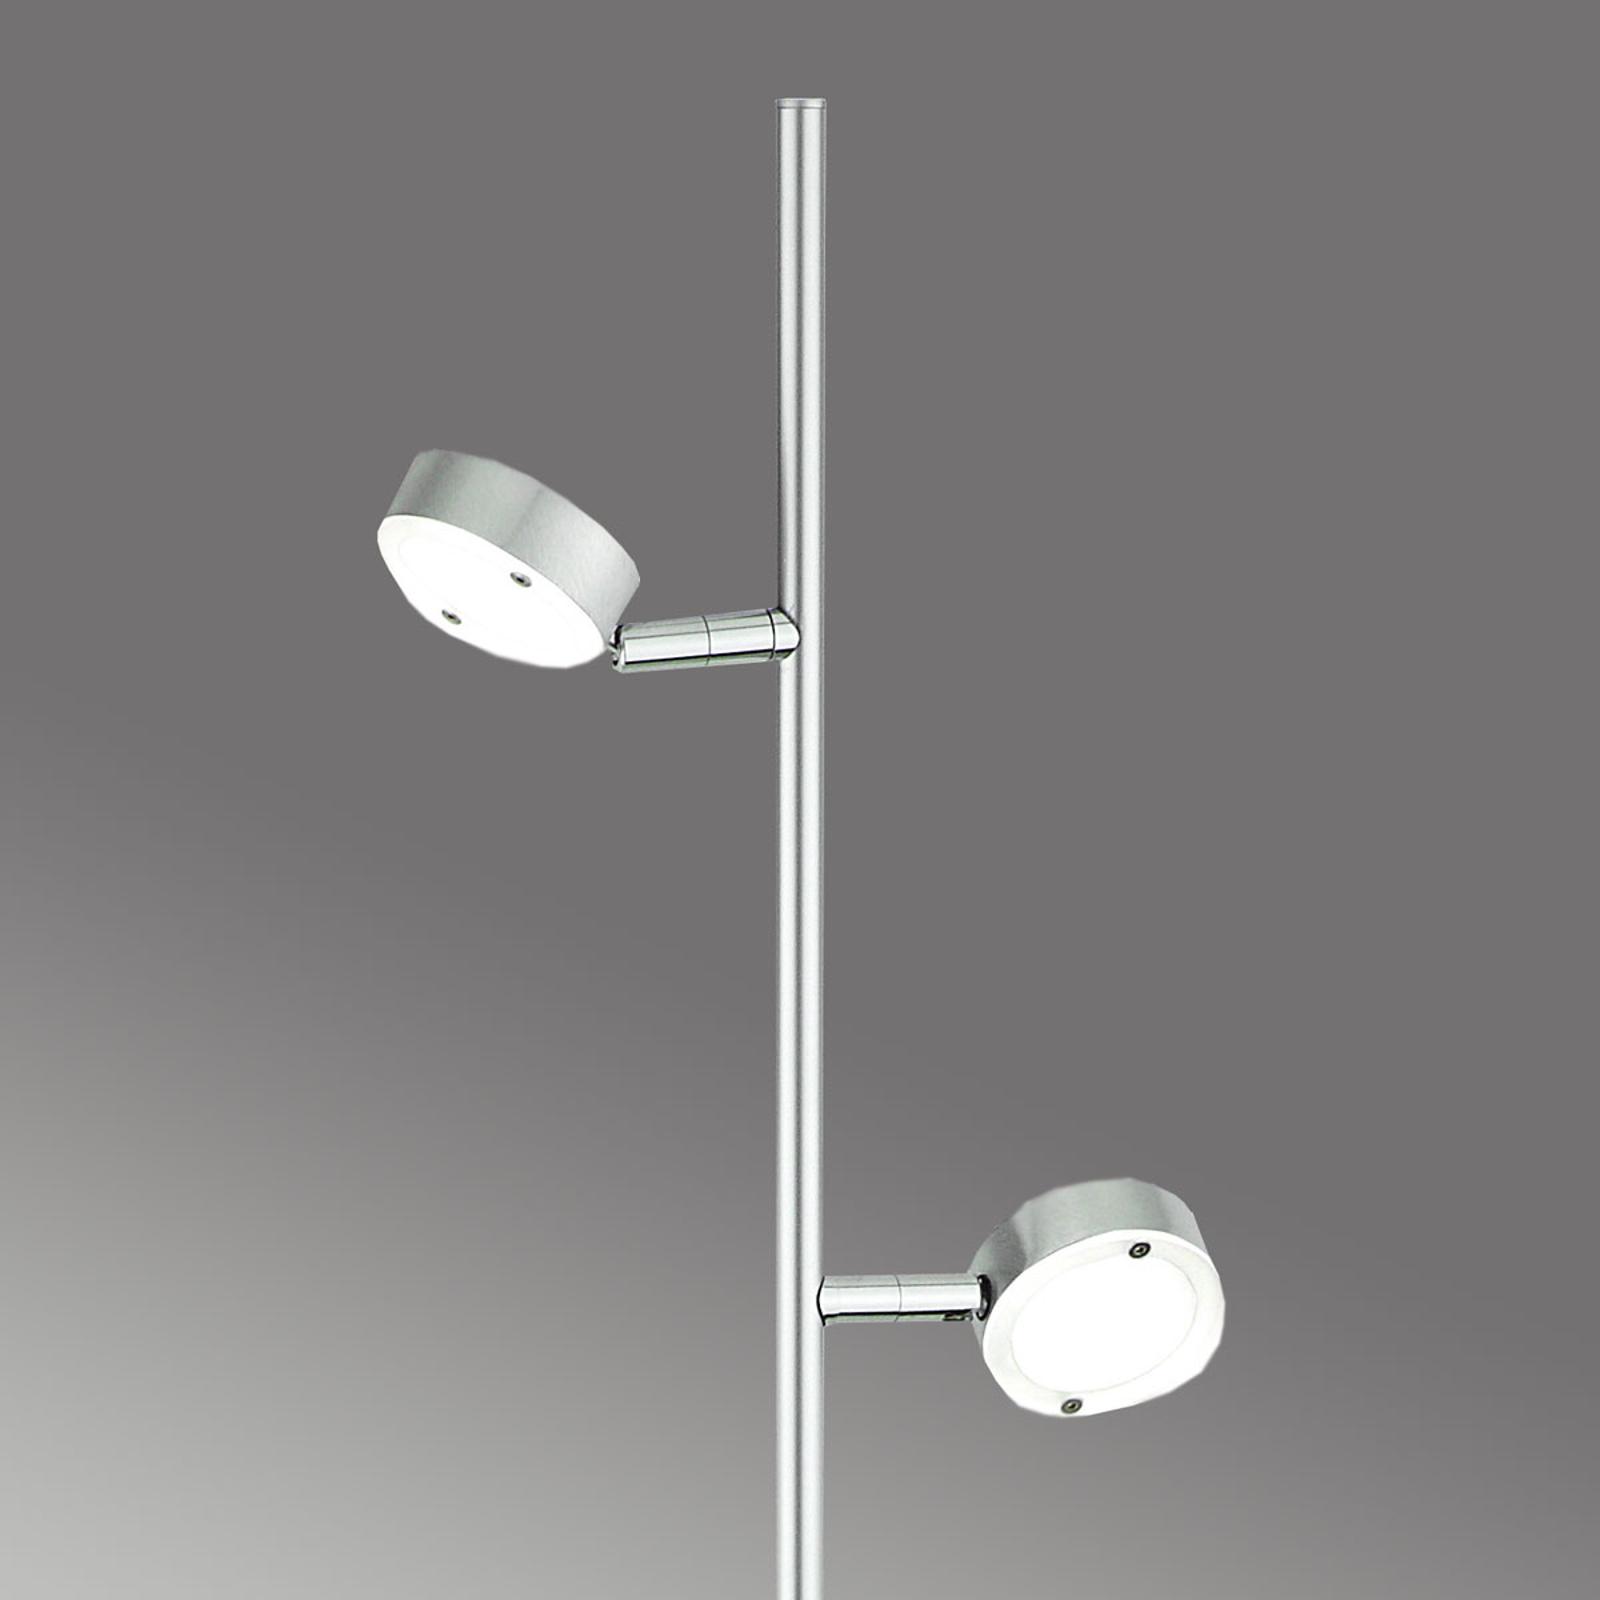 Minimalistic LED floor lamp SATURN, two-bulb_1524107_1